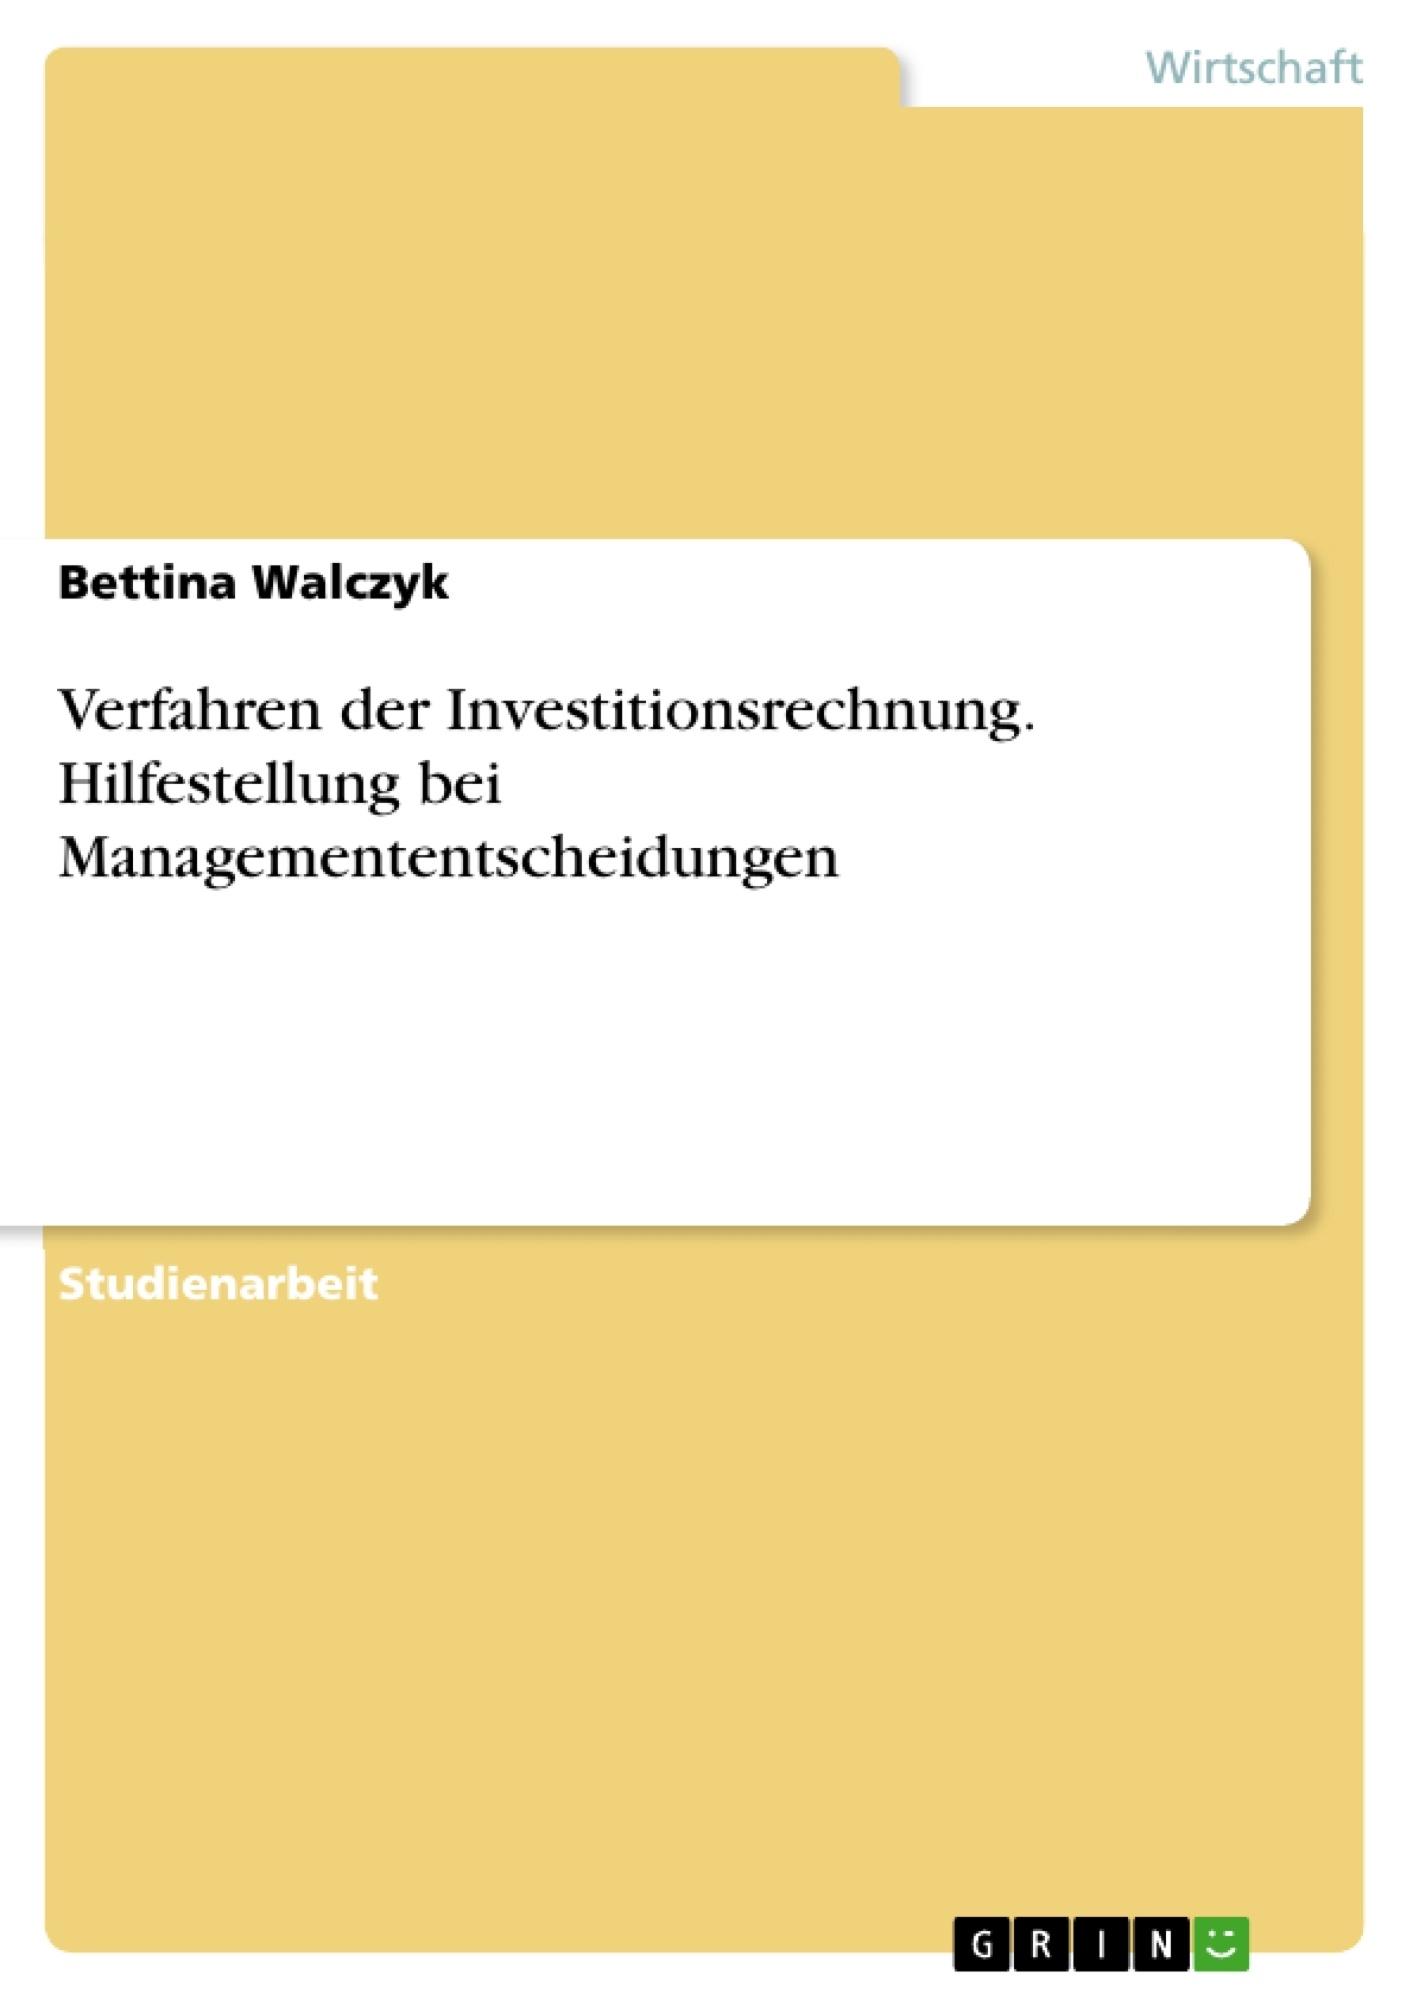 Titel: Verfahren der Investitionsrechnung. Hilfestellung bei Managemententscheidungen